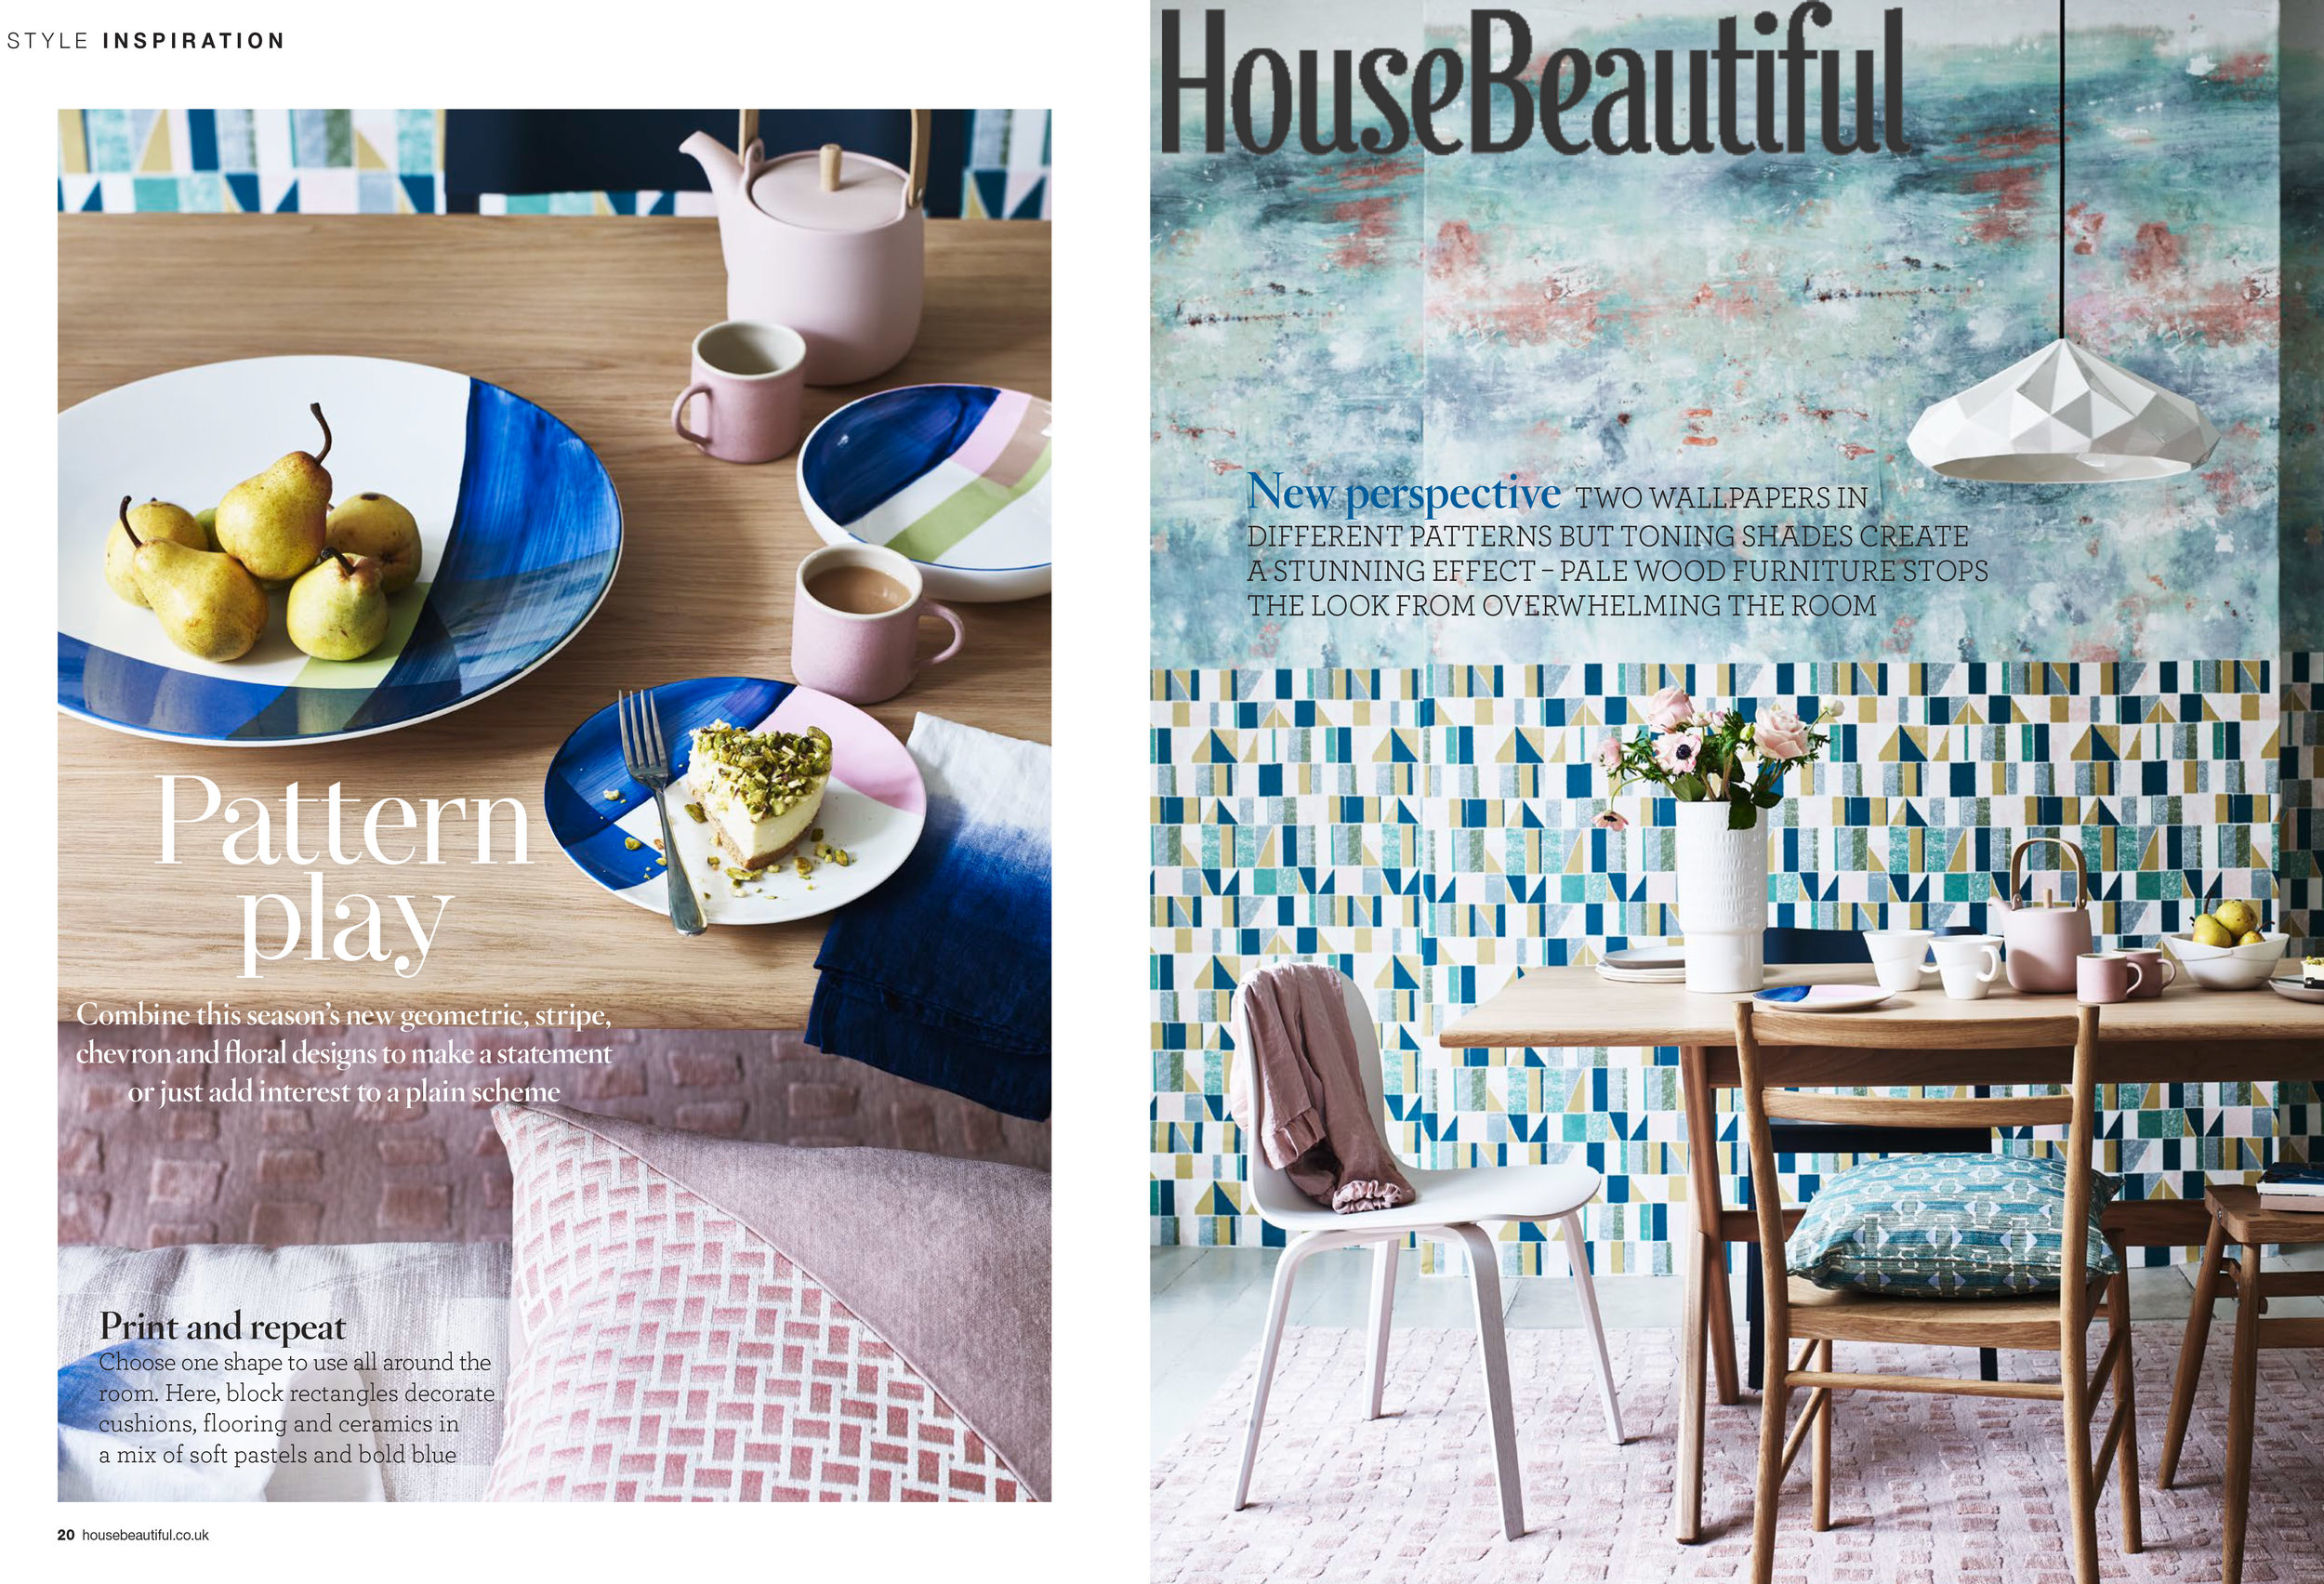 Imogen Heath_House Beautiful March 2018_pdf_spread-1page1logo.jpg